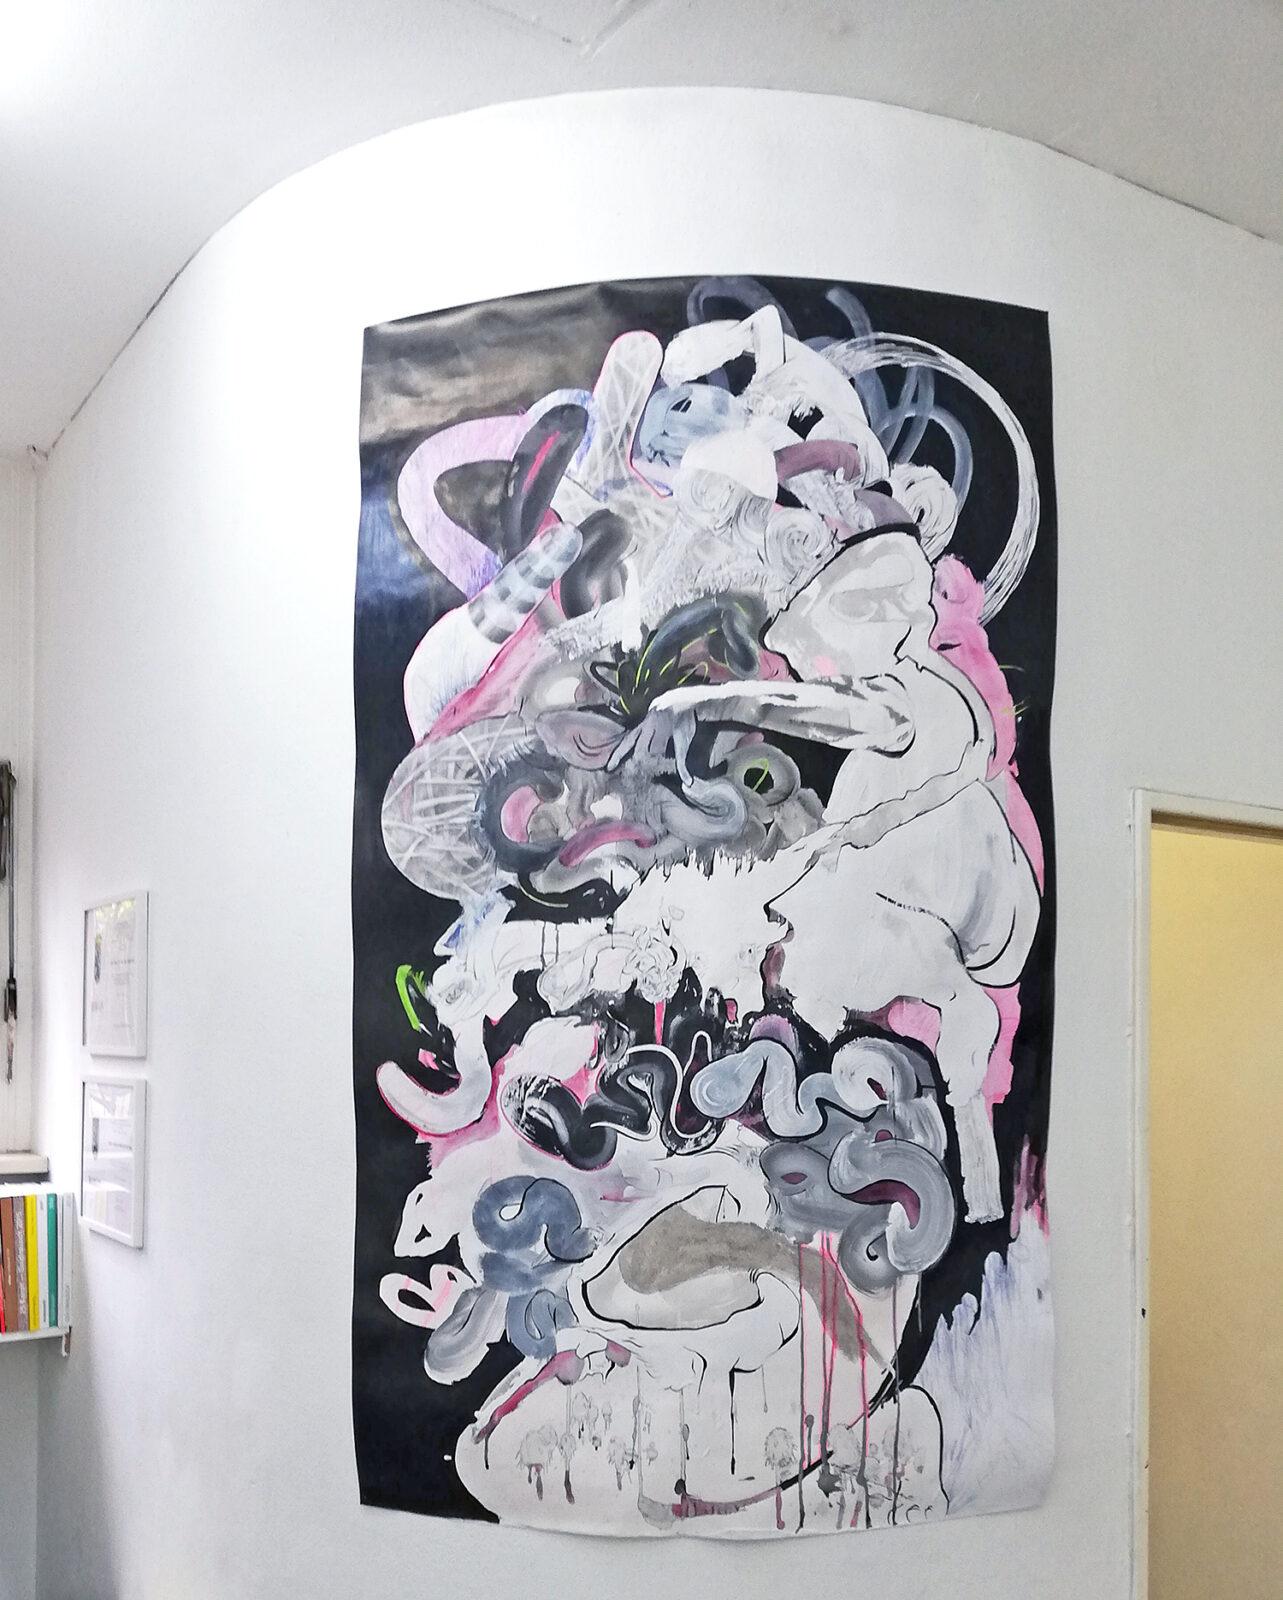 Ausstellung in der Galerie oqbo